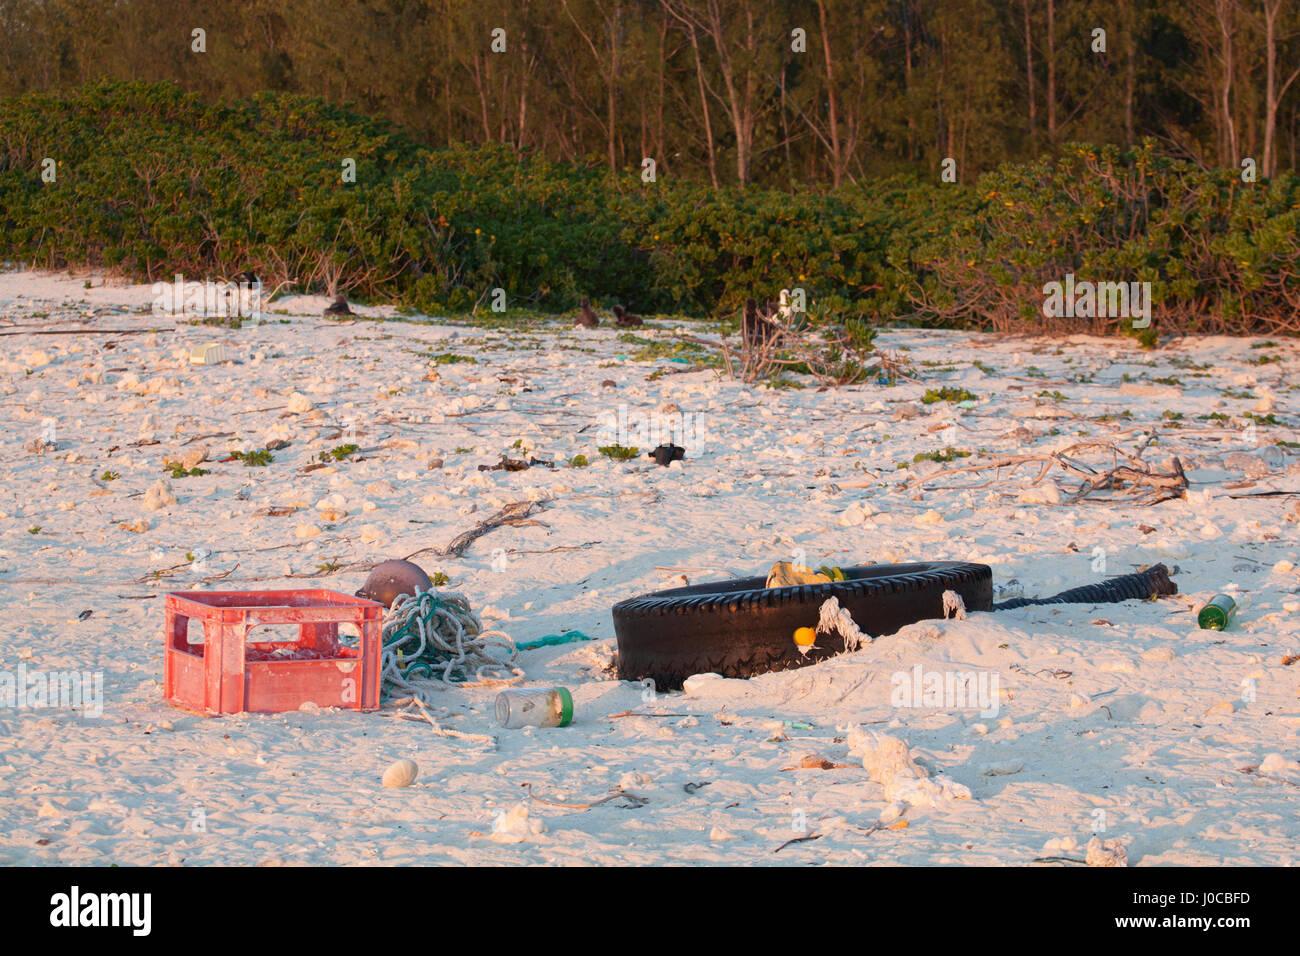 Basura, incluyendo el neumático, caja de plástico y cuerdas arrojado por el mar en la playa de una isla del Pacífico Norte Foto de stock